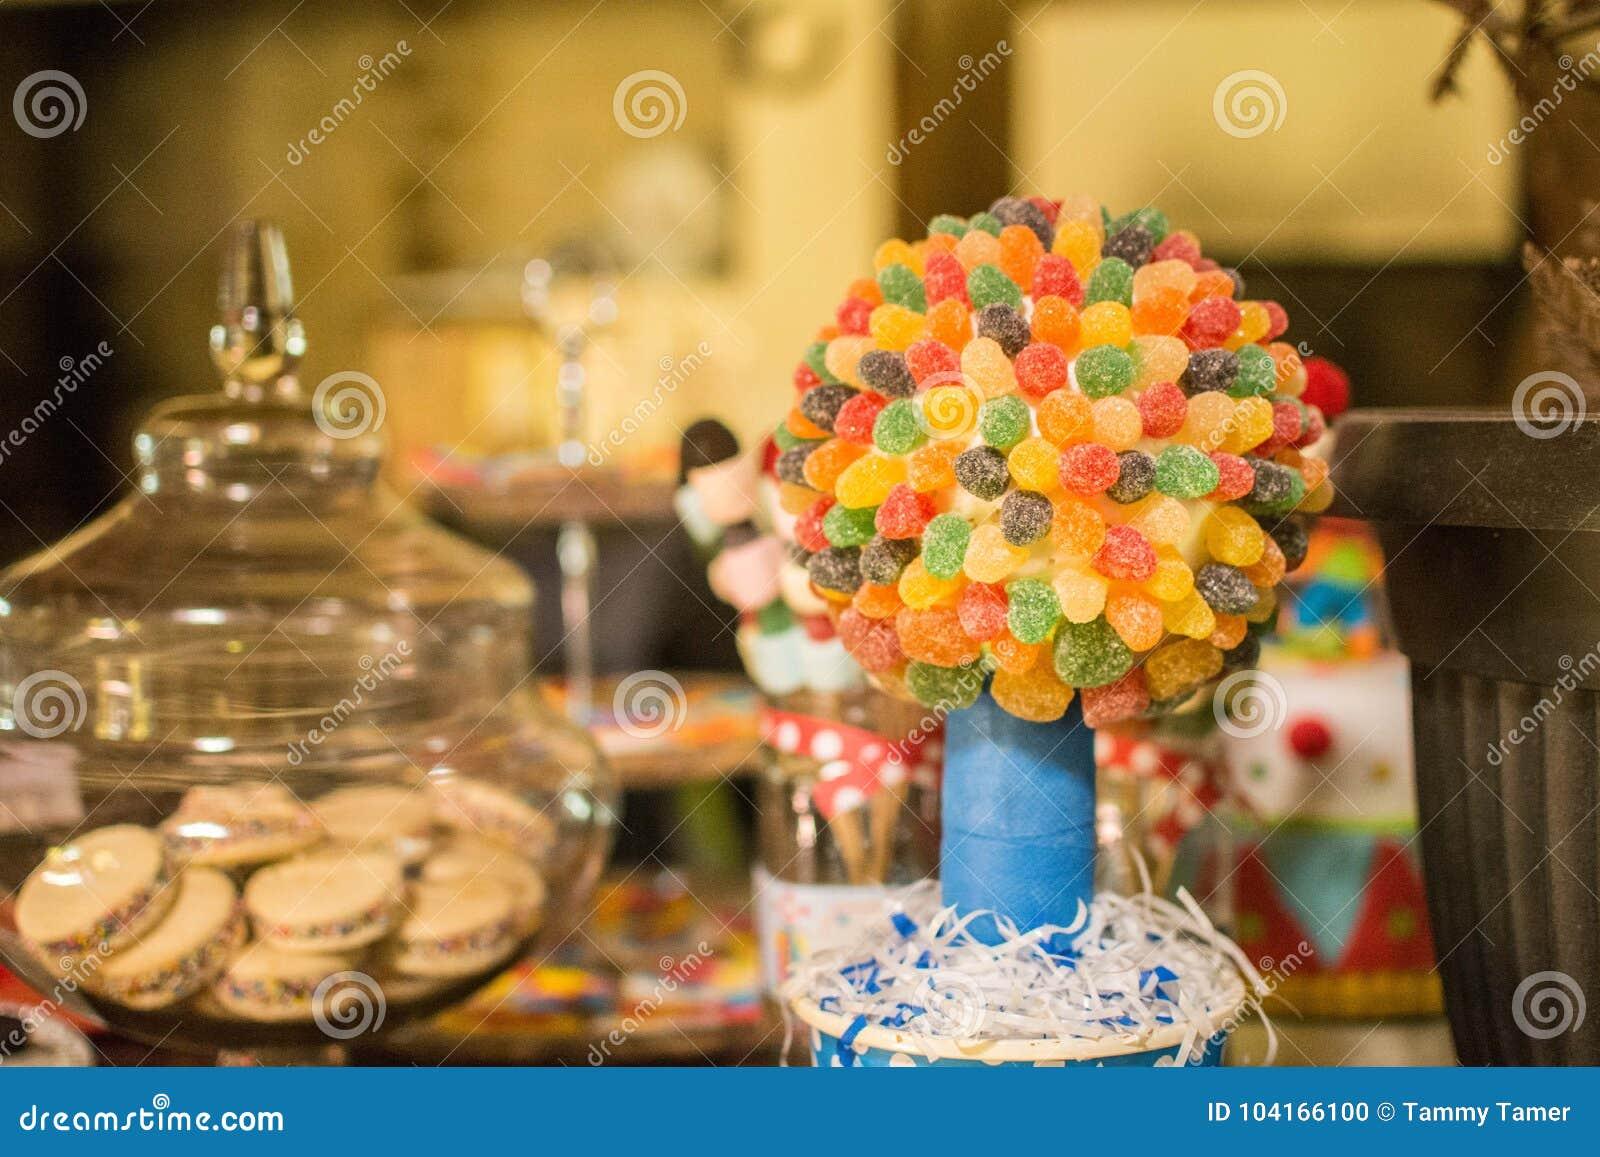 Γλυκές στιγμές χρονικής γιορτής γενεθλίων καραμελών